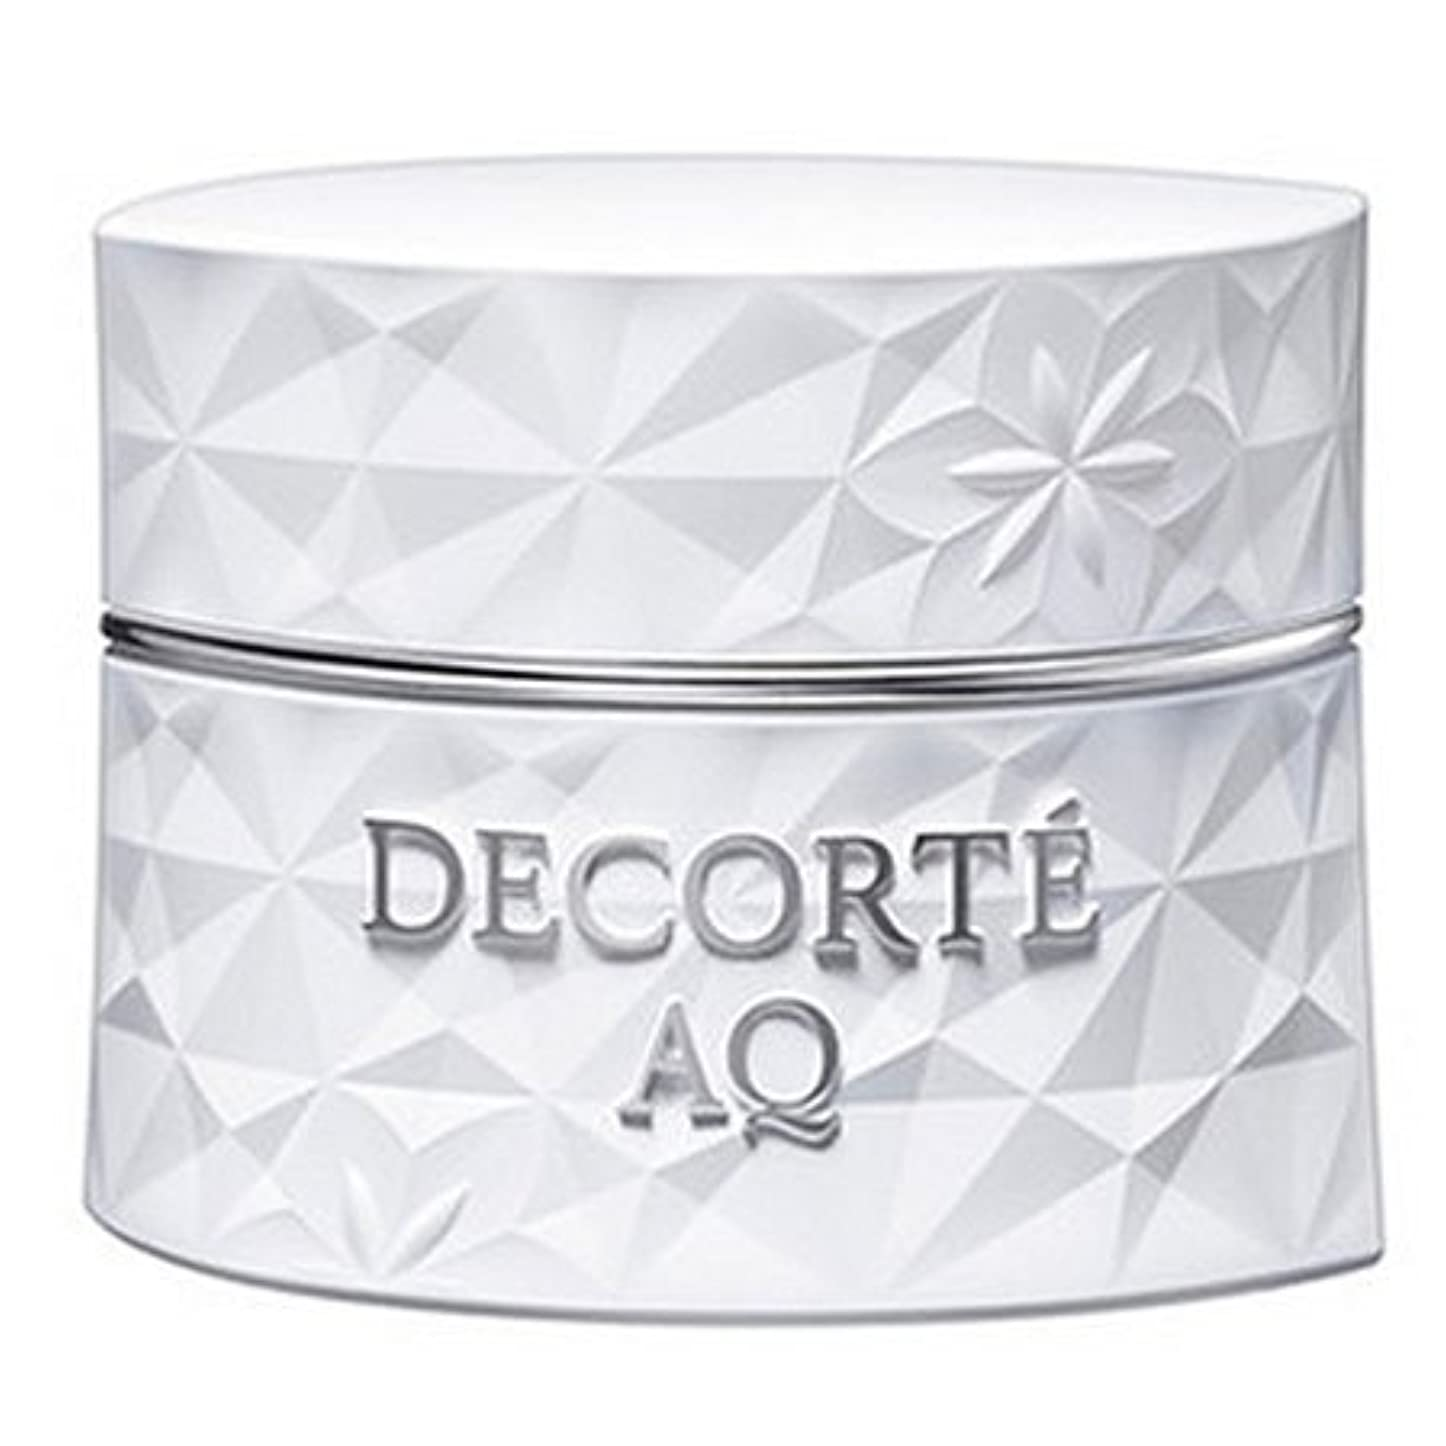 ウェイターかすかな周りコスメデコルテ AQ ホワイトニング クリーム 25g-COSME DECORTE-